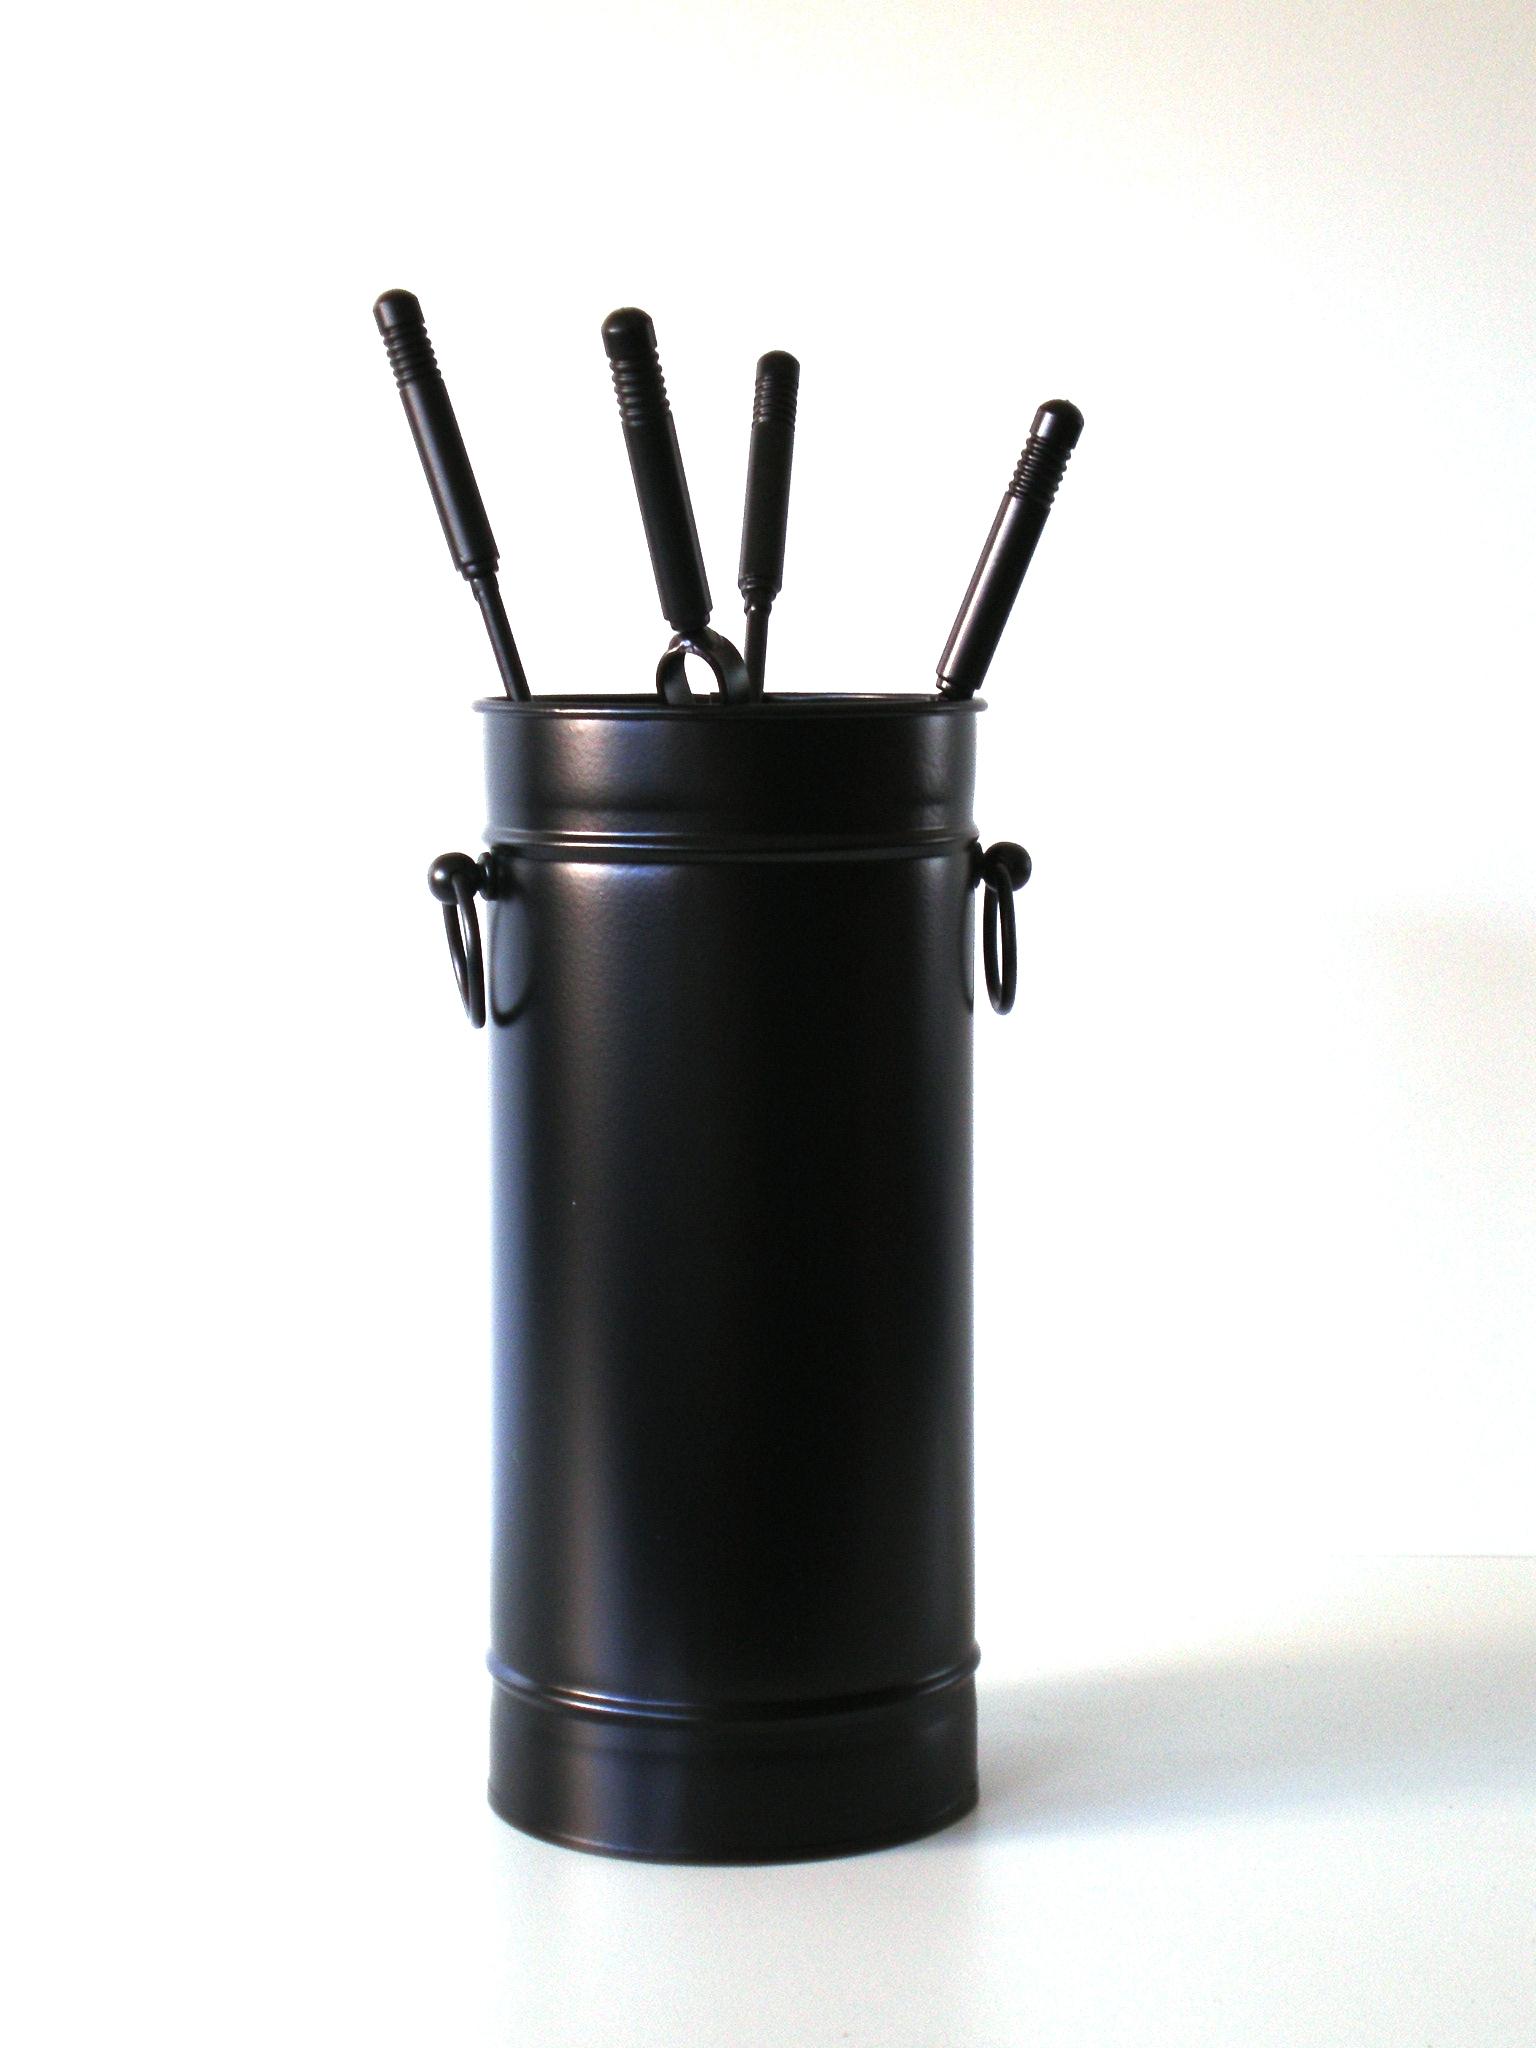 Κρεμανταλάς Κουβαδάκι «Μαύρο Βίδα» – Β – 3-115 ΜΑΥΡΟ ΒΙΔΑ